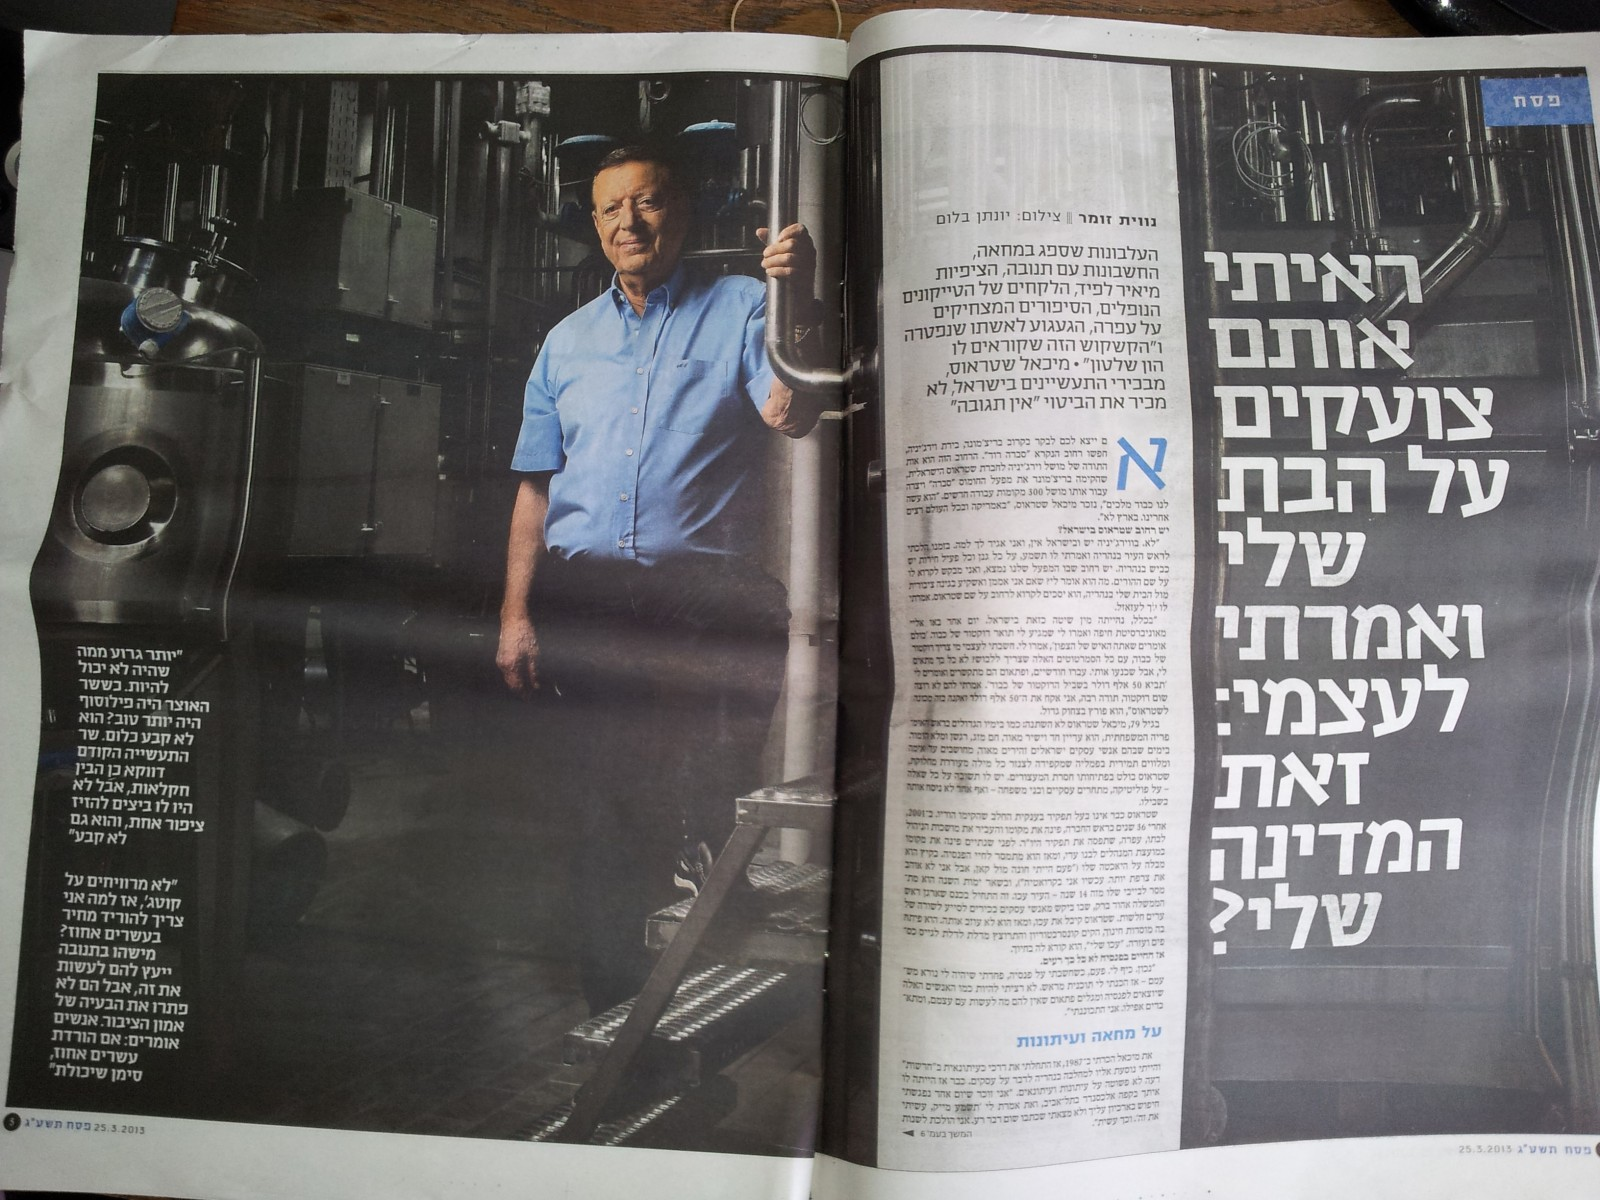 """ראיון עם איש העסקים מיכאל שטראוס במוסף """"ממון"""", 25.3.13"""